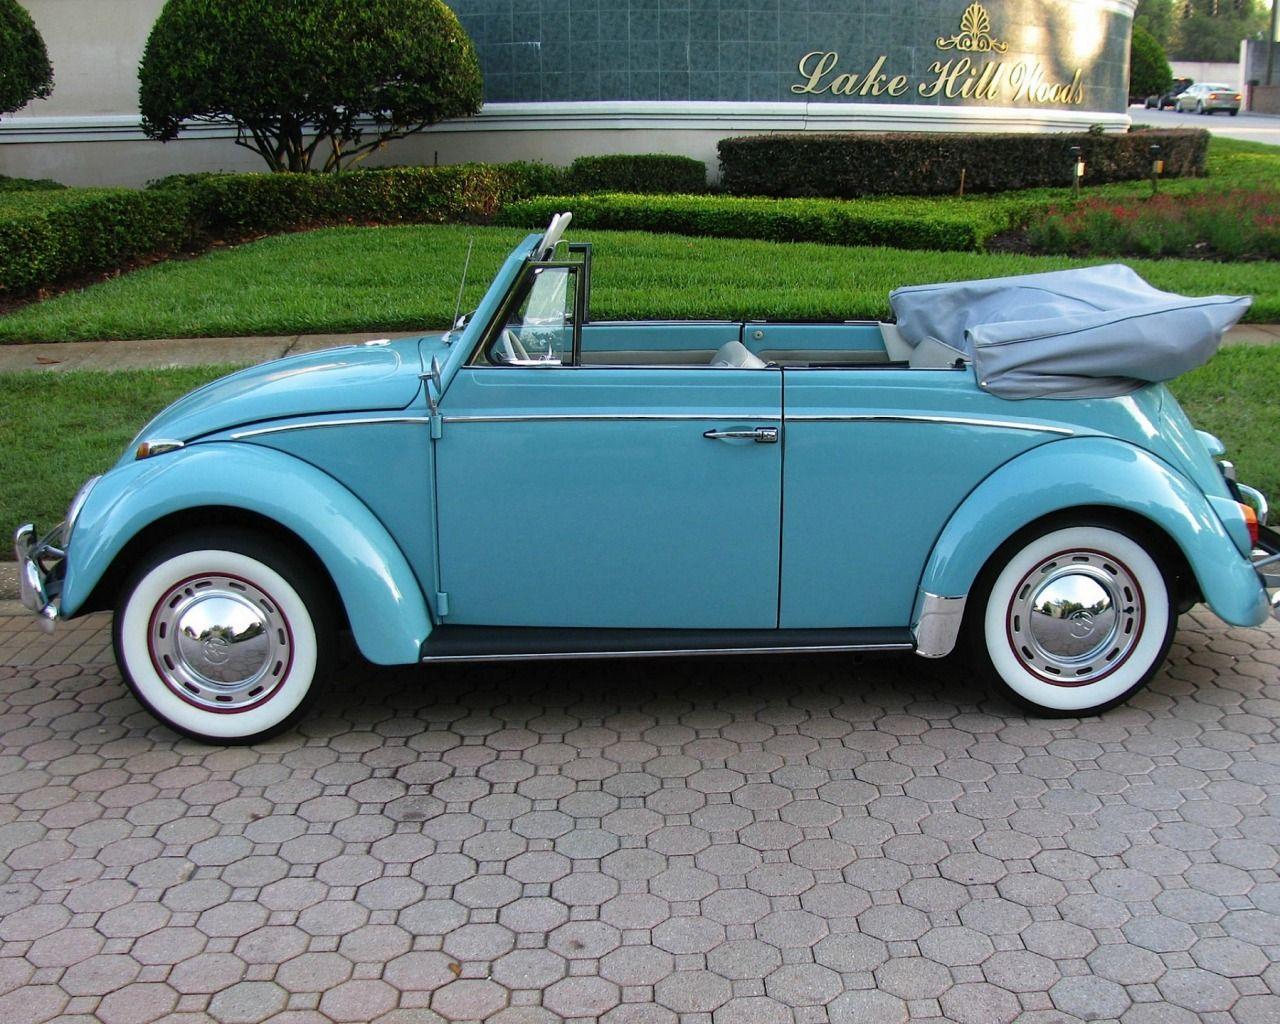 volkswagon beetle 1964 convertible volkswagen. Black Bedroom Furniture Sets. Home Design Ideas